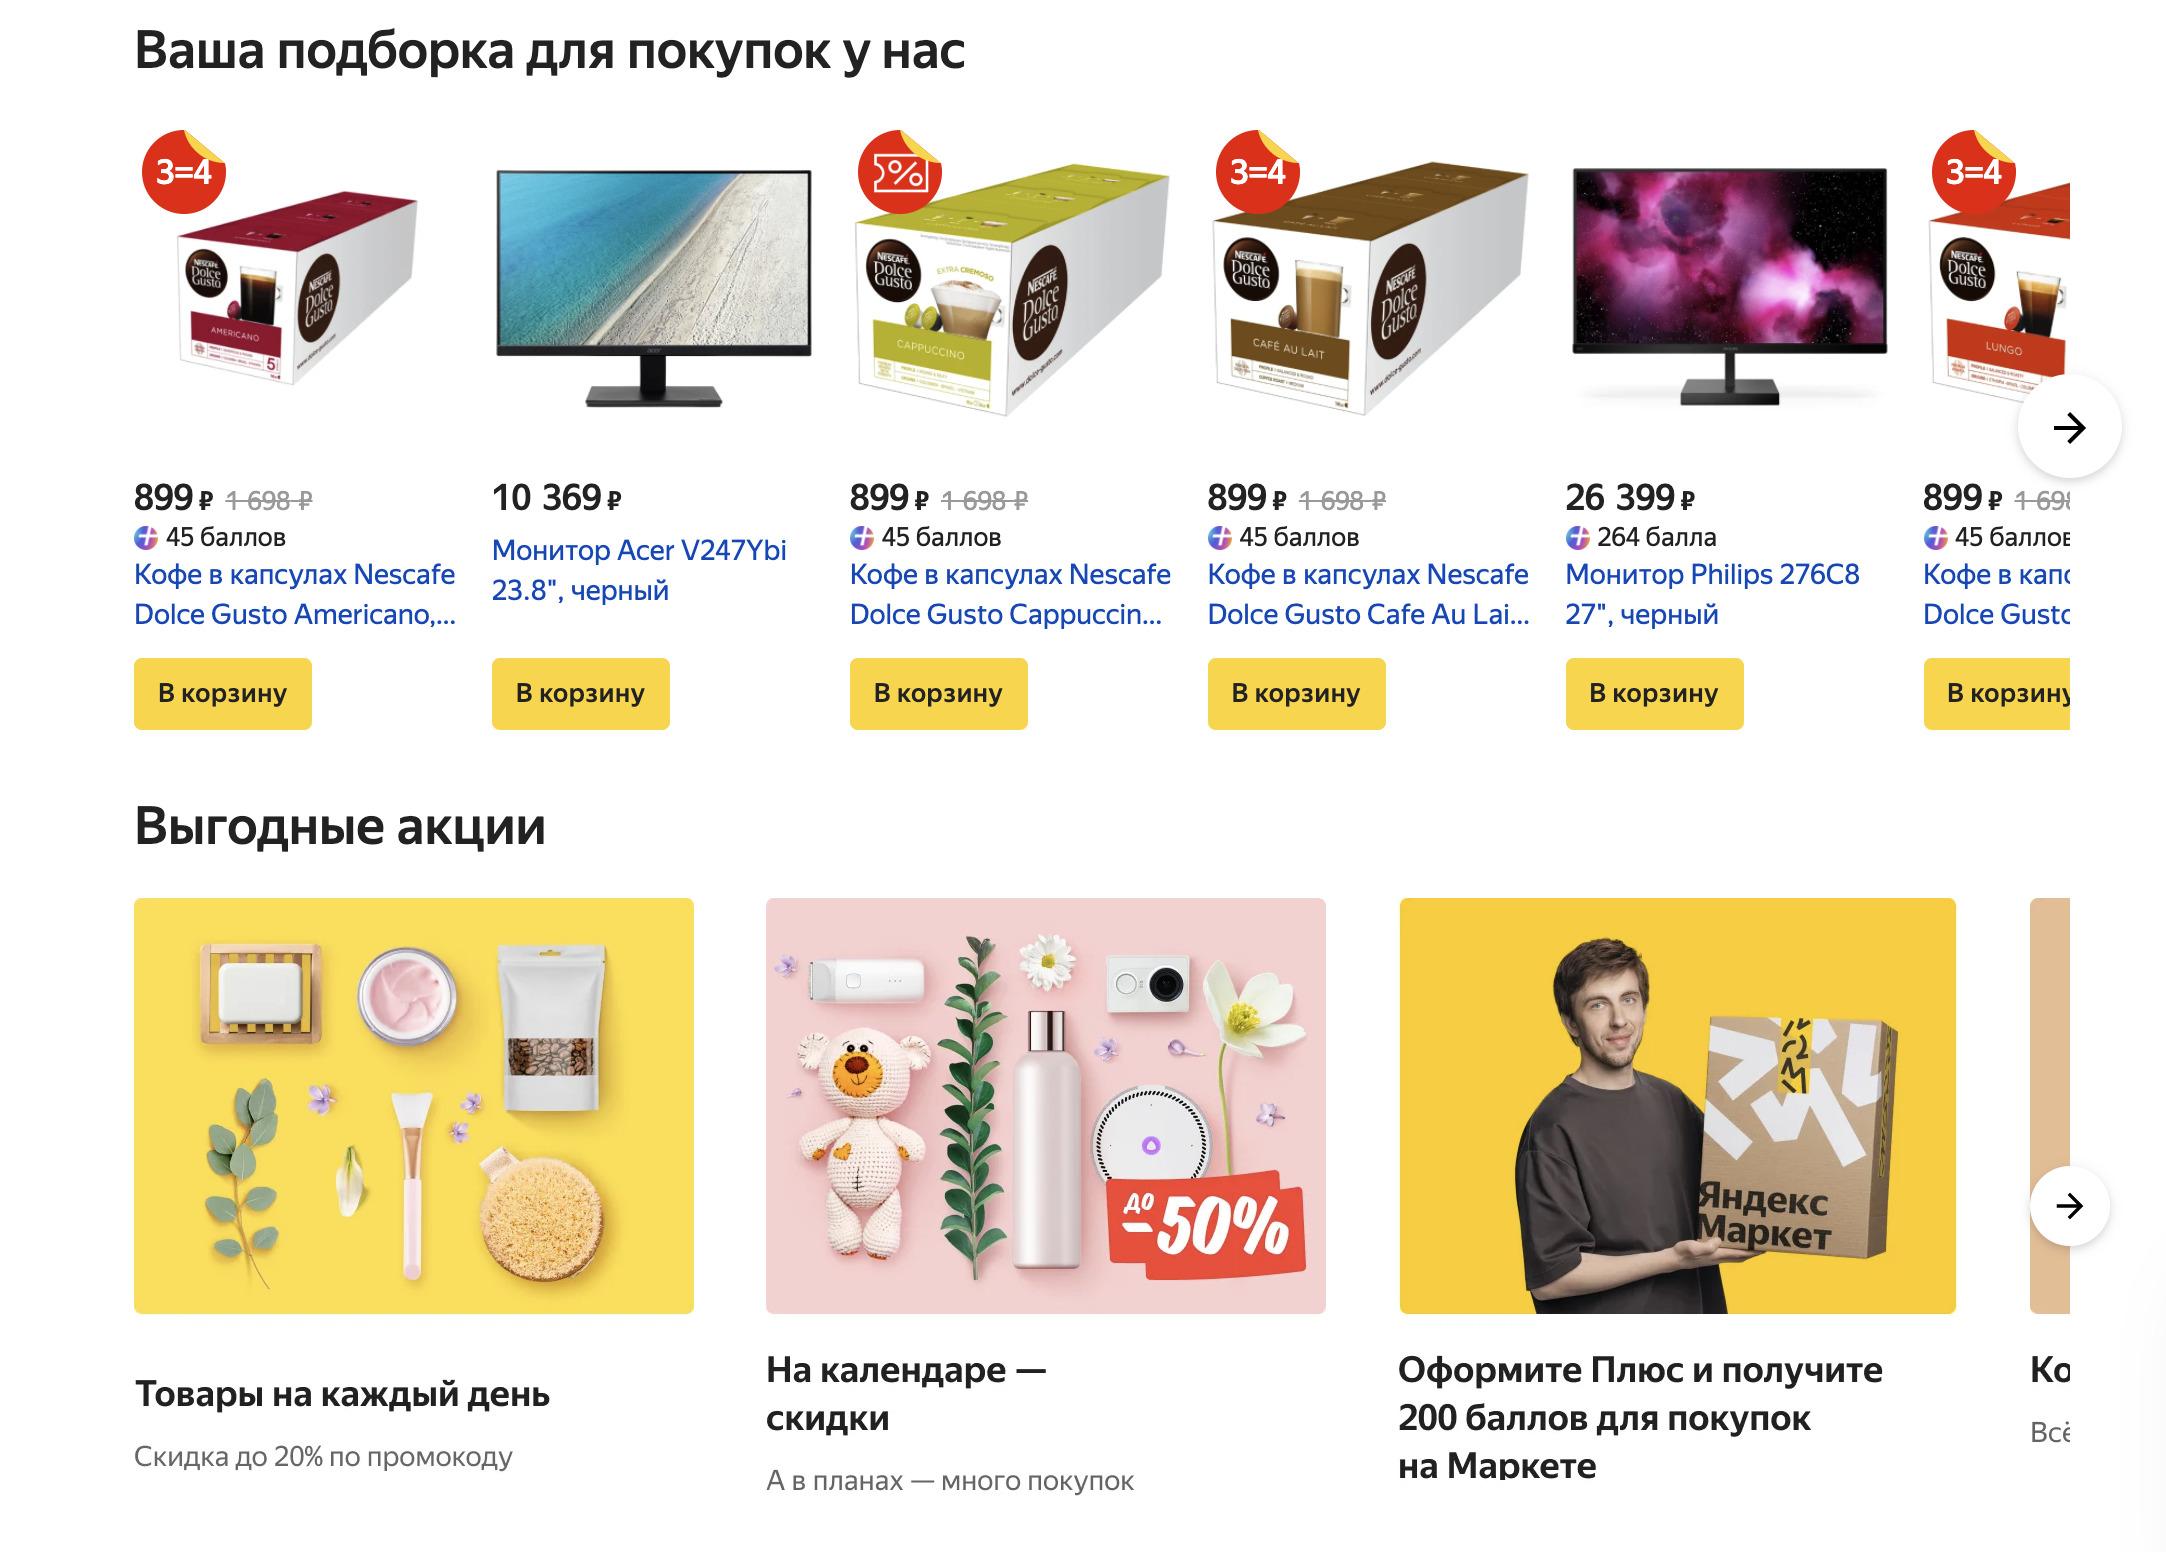 Доставка из Яндекс.Маркет в Смоленск, сроки, пункты выдачи, каталог